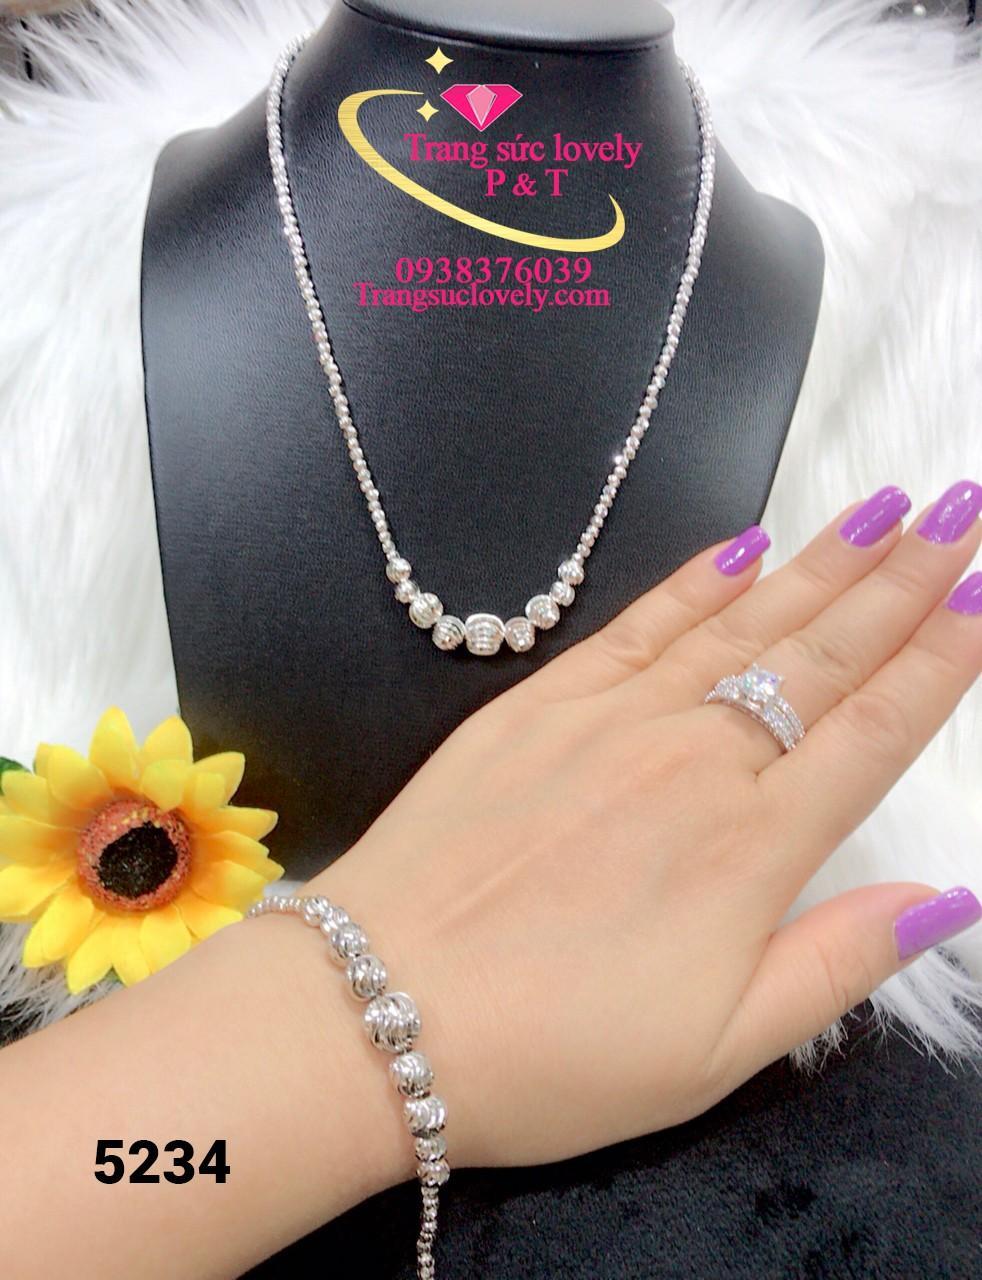 [GIẢM GIÁ CỰC SỐC] Bộ trang sức bạch kim, bộ trang sức nữ mạ vàng cao cấp 2 món dạng bi chuỗi chạm khắc hoa văn tinh tế sang trọng thiết kế đẳng cấp thời trang Trang sức Gadoshop KB230091924 - đeo đi đám cưới vô cùng quý phái